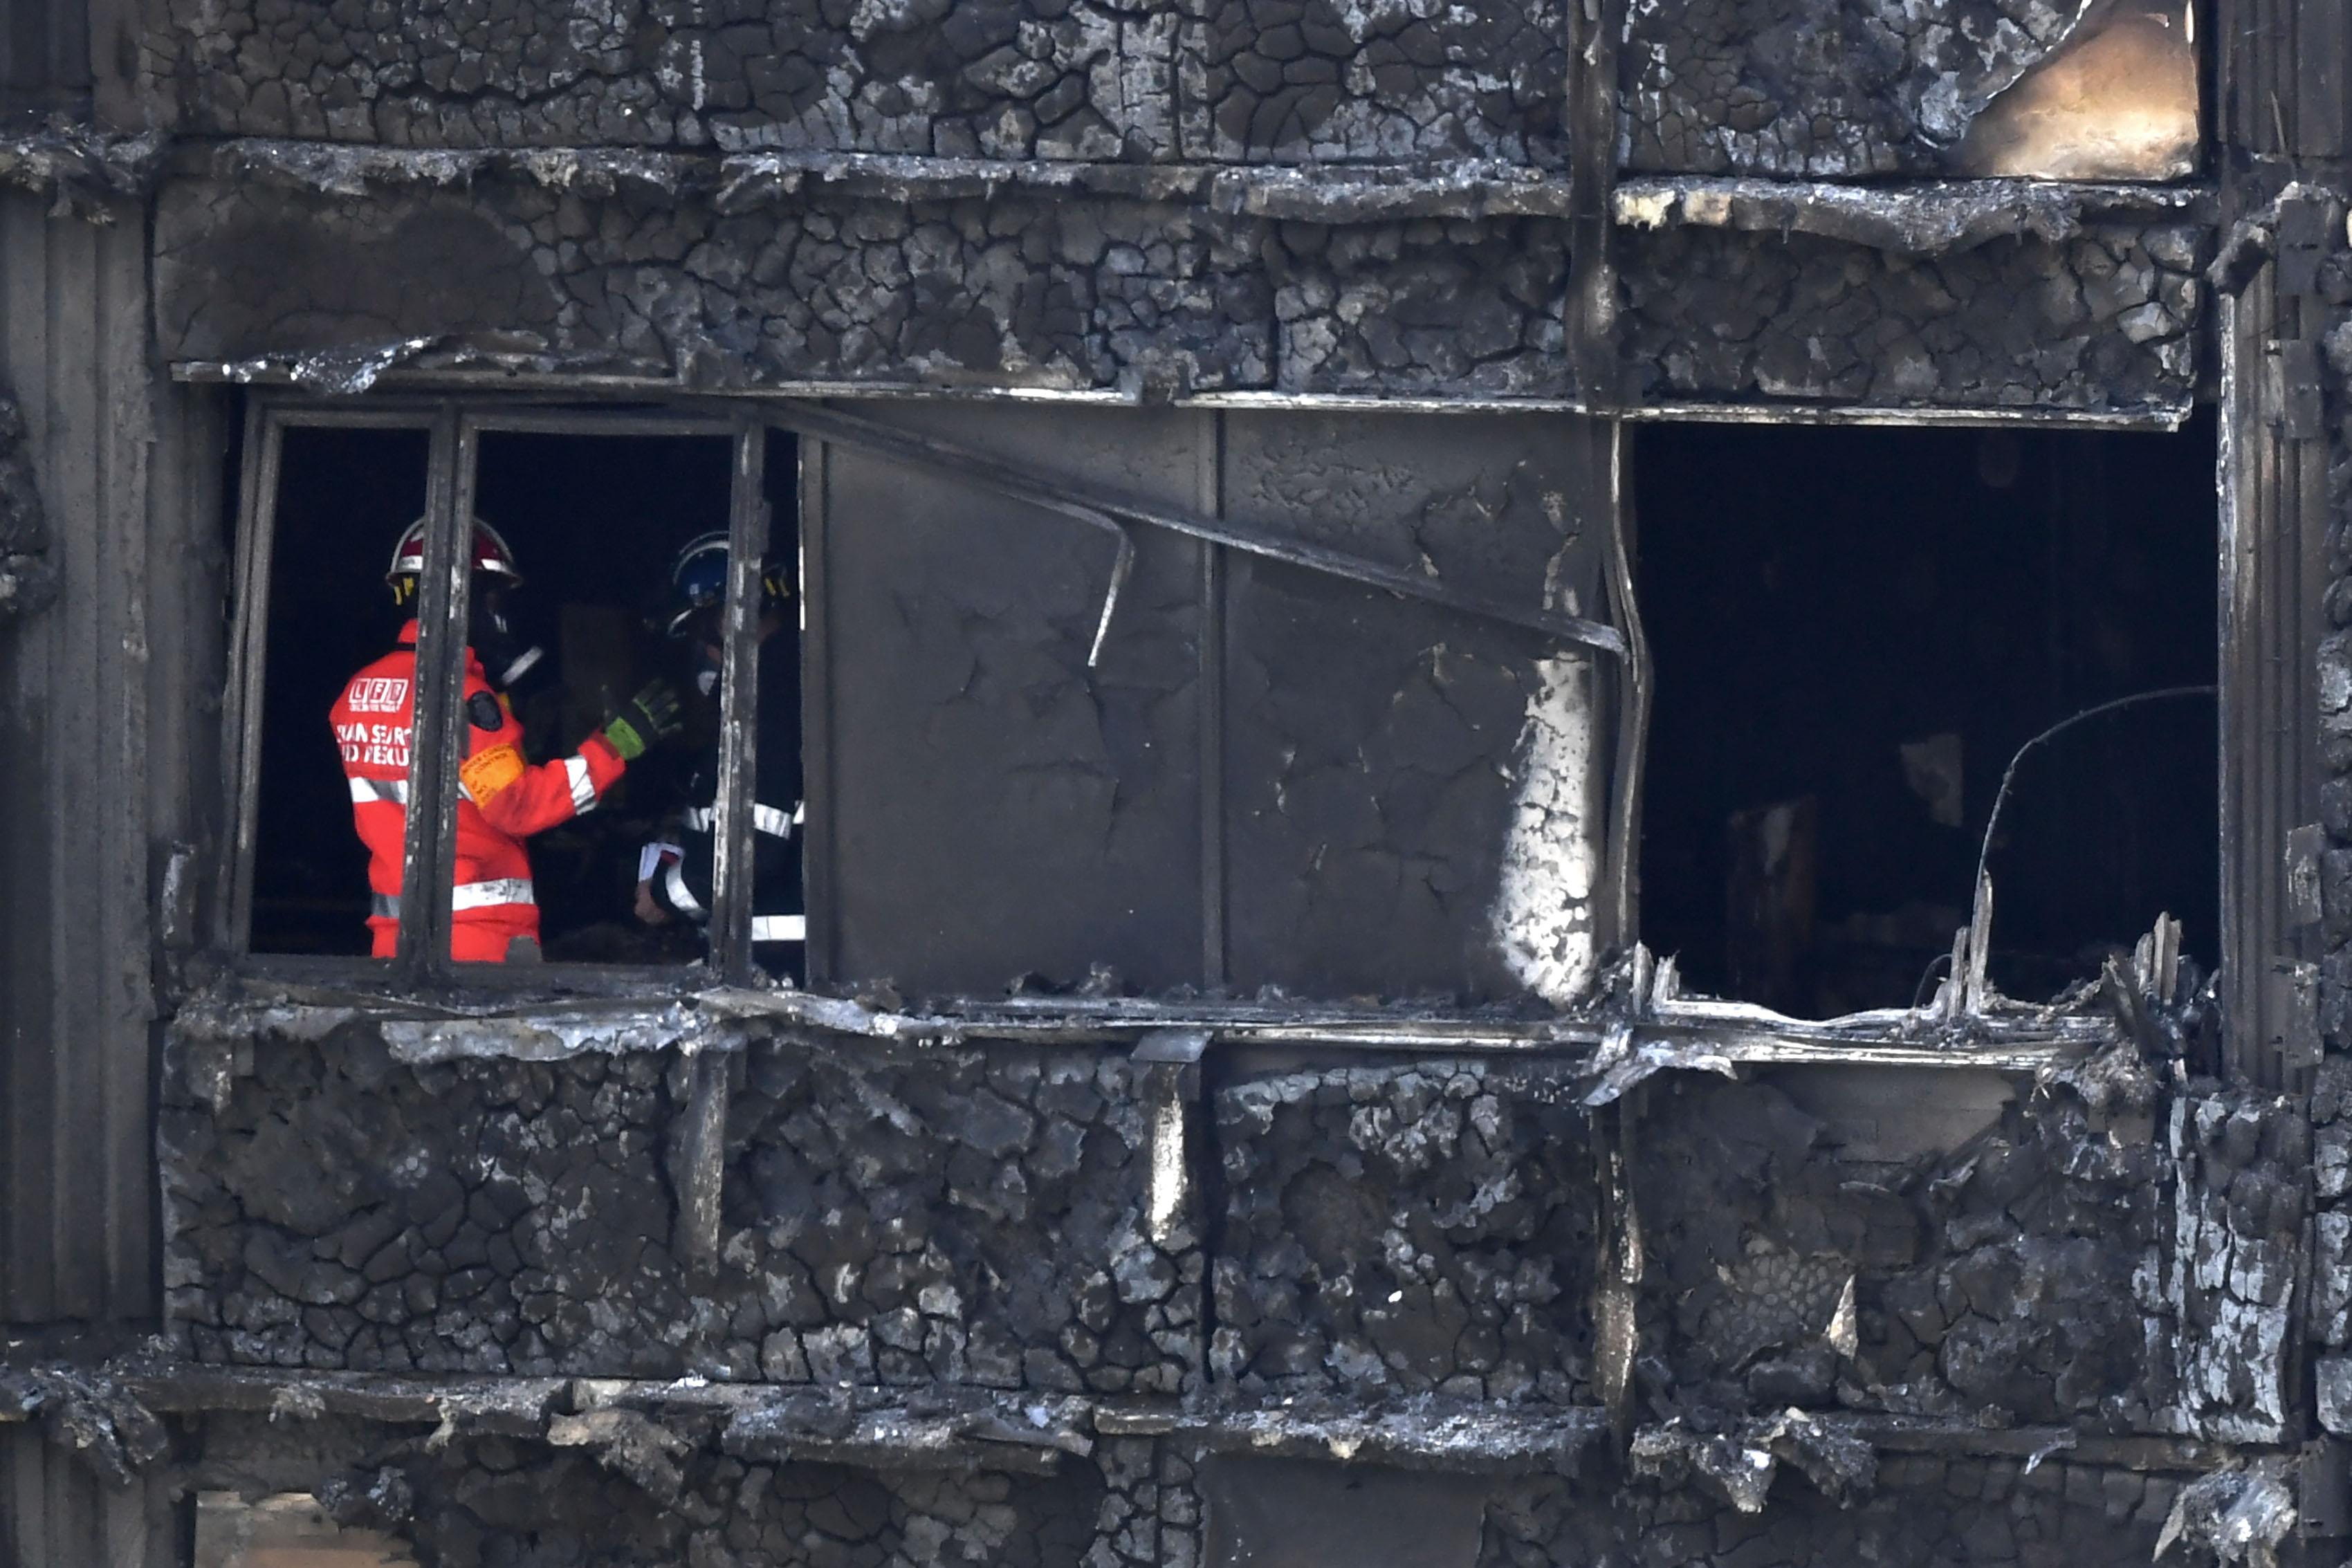 L'incendie de Londres a fait au moins 30 morts selon un nouveau